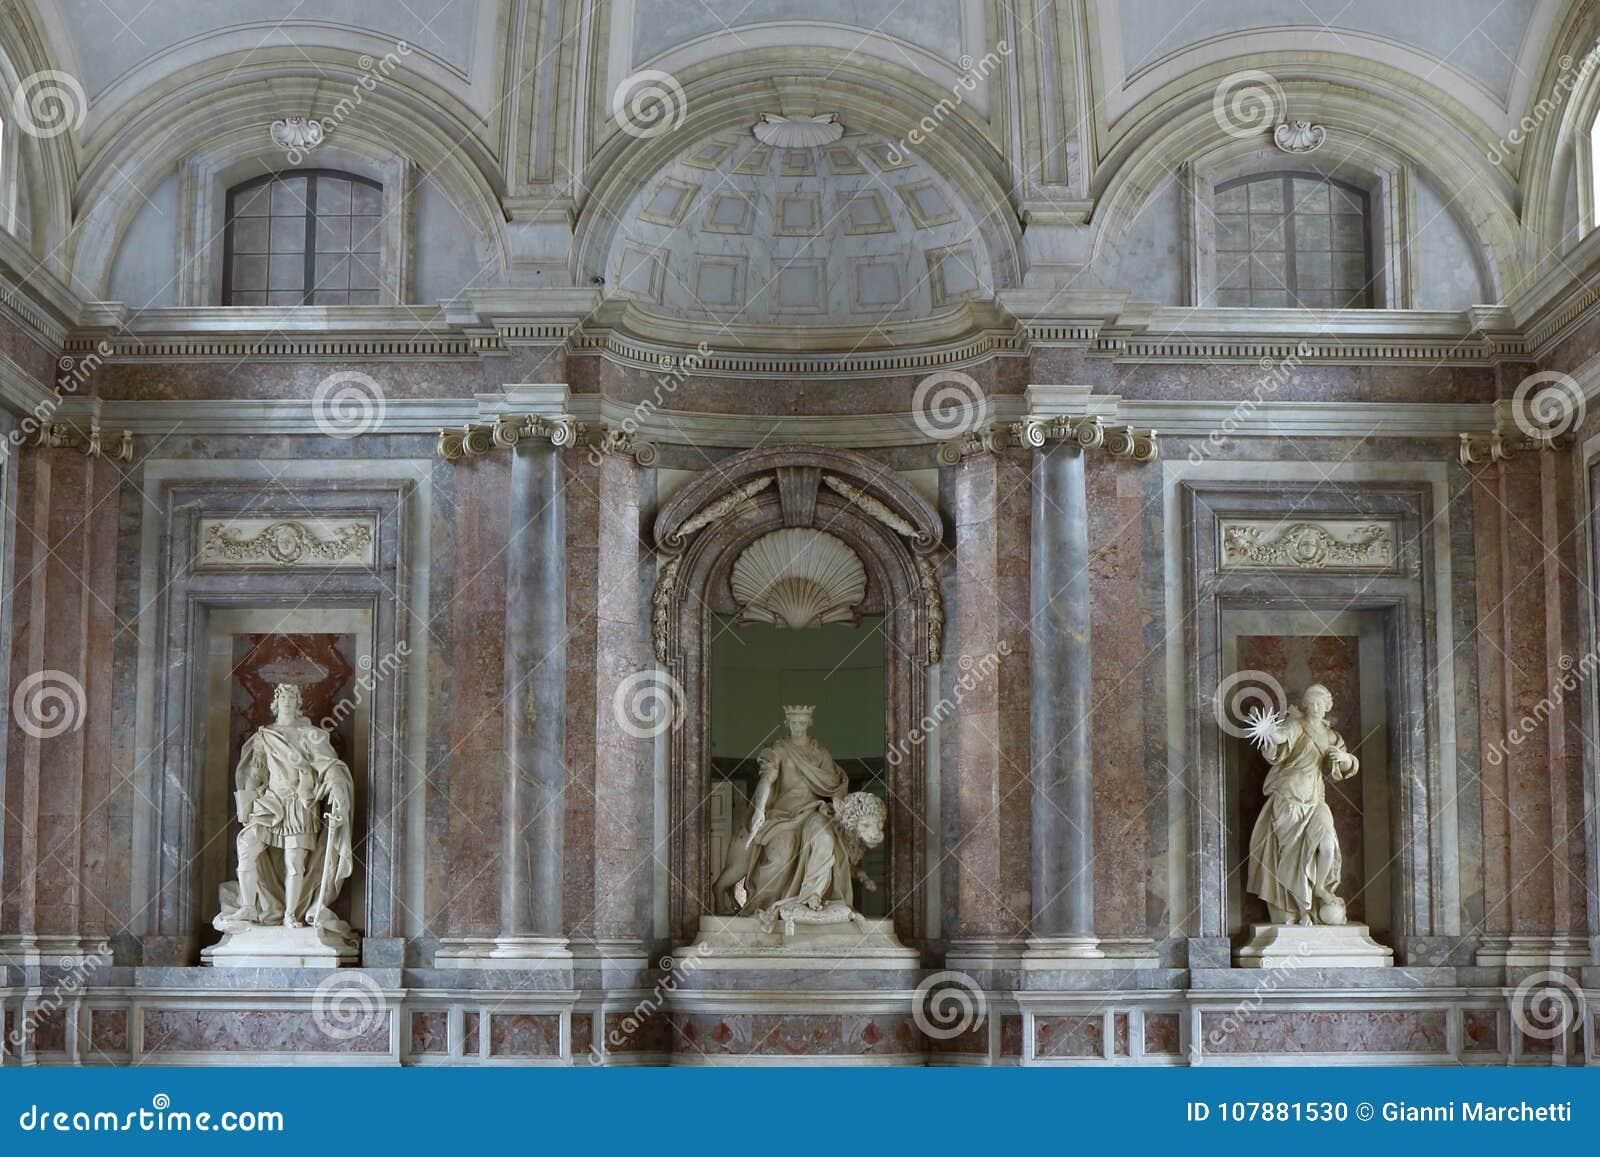 Royal Palace Reggia Caserta